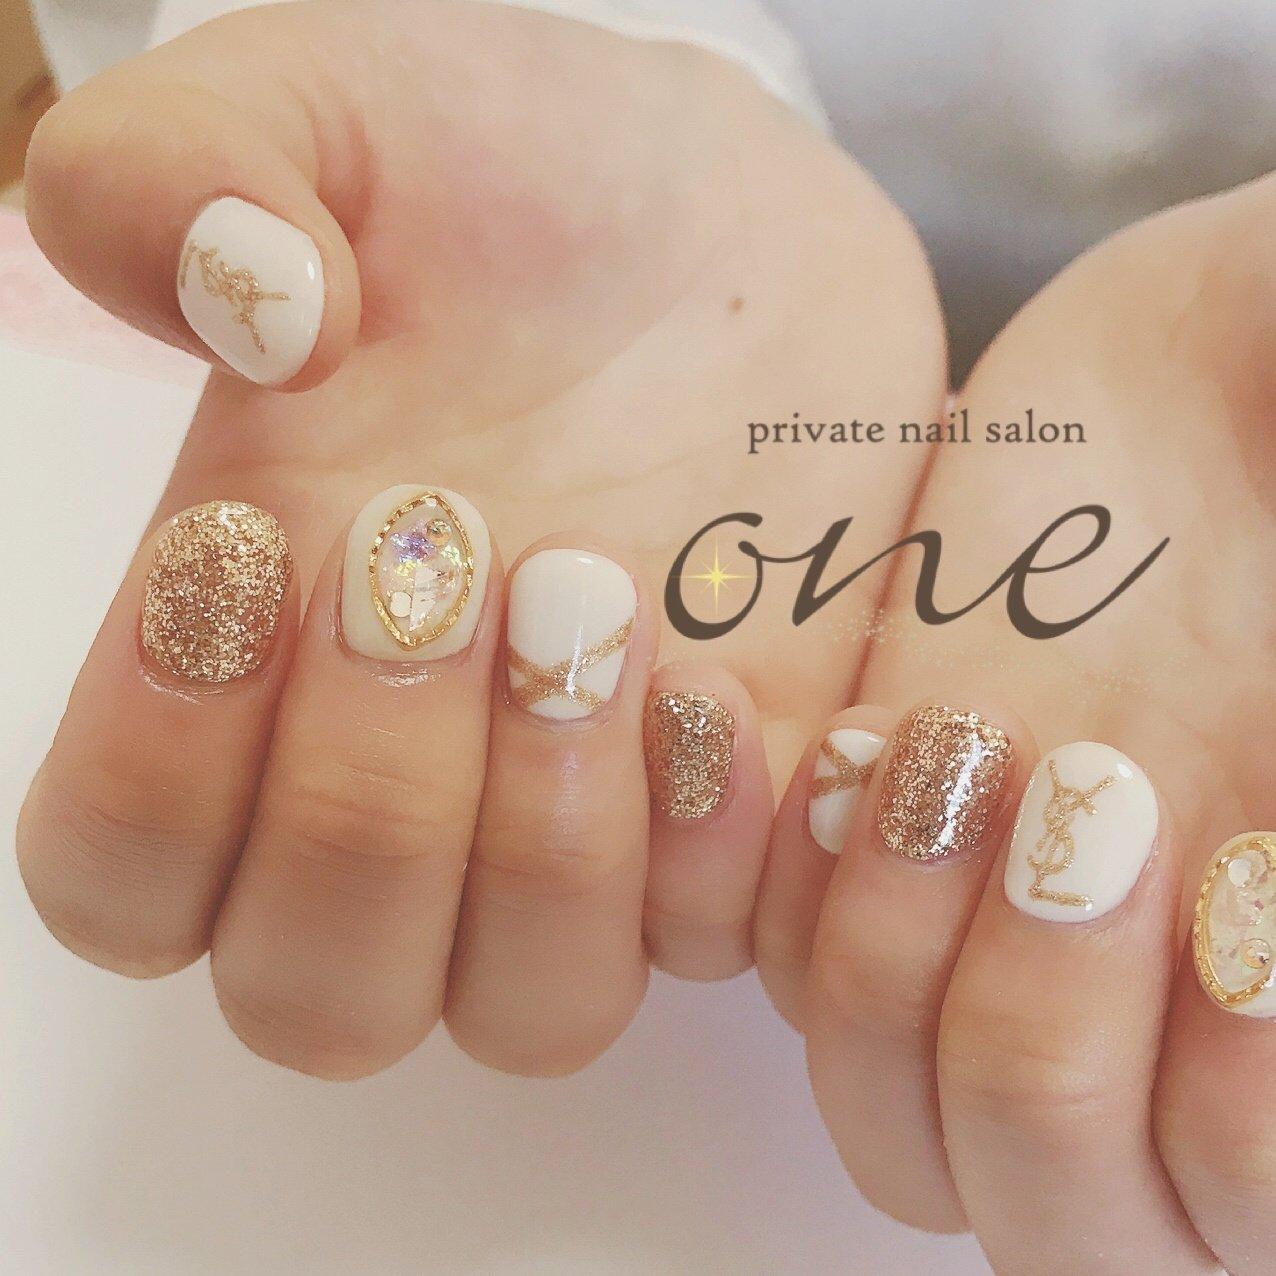 キラキラ多めに大人ぽく仕上がりました✨ #イブサンローランネイル #ysl #春 #オールシーズン #ラメ #ビジュー #ブランド柄 #ホワイト #ゴールド #private nail salon one #ネイルブック